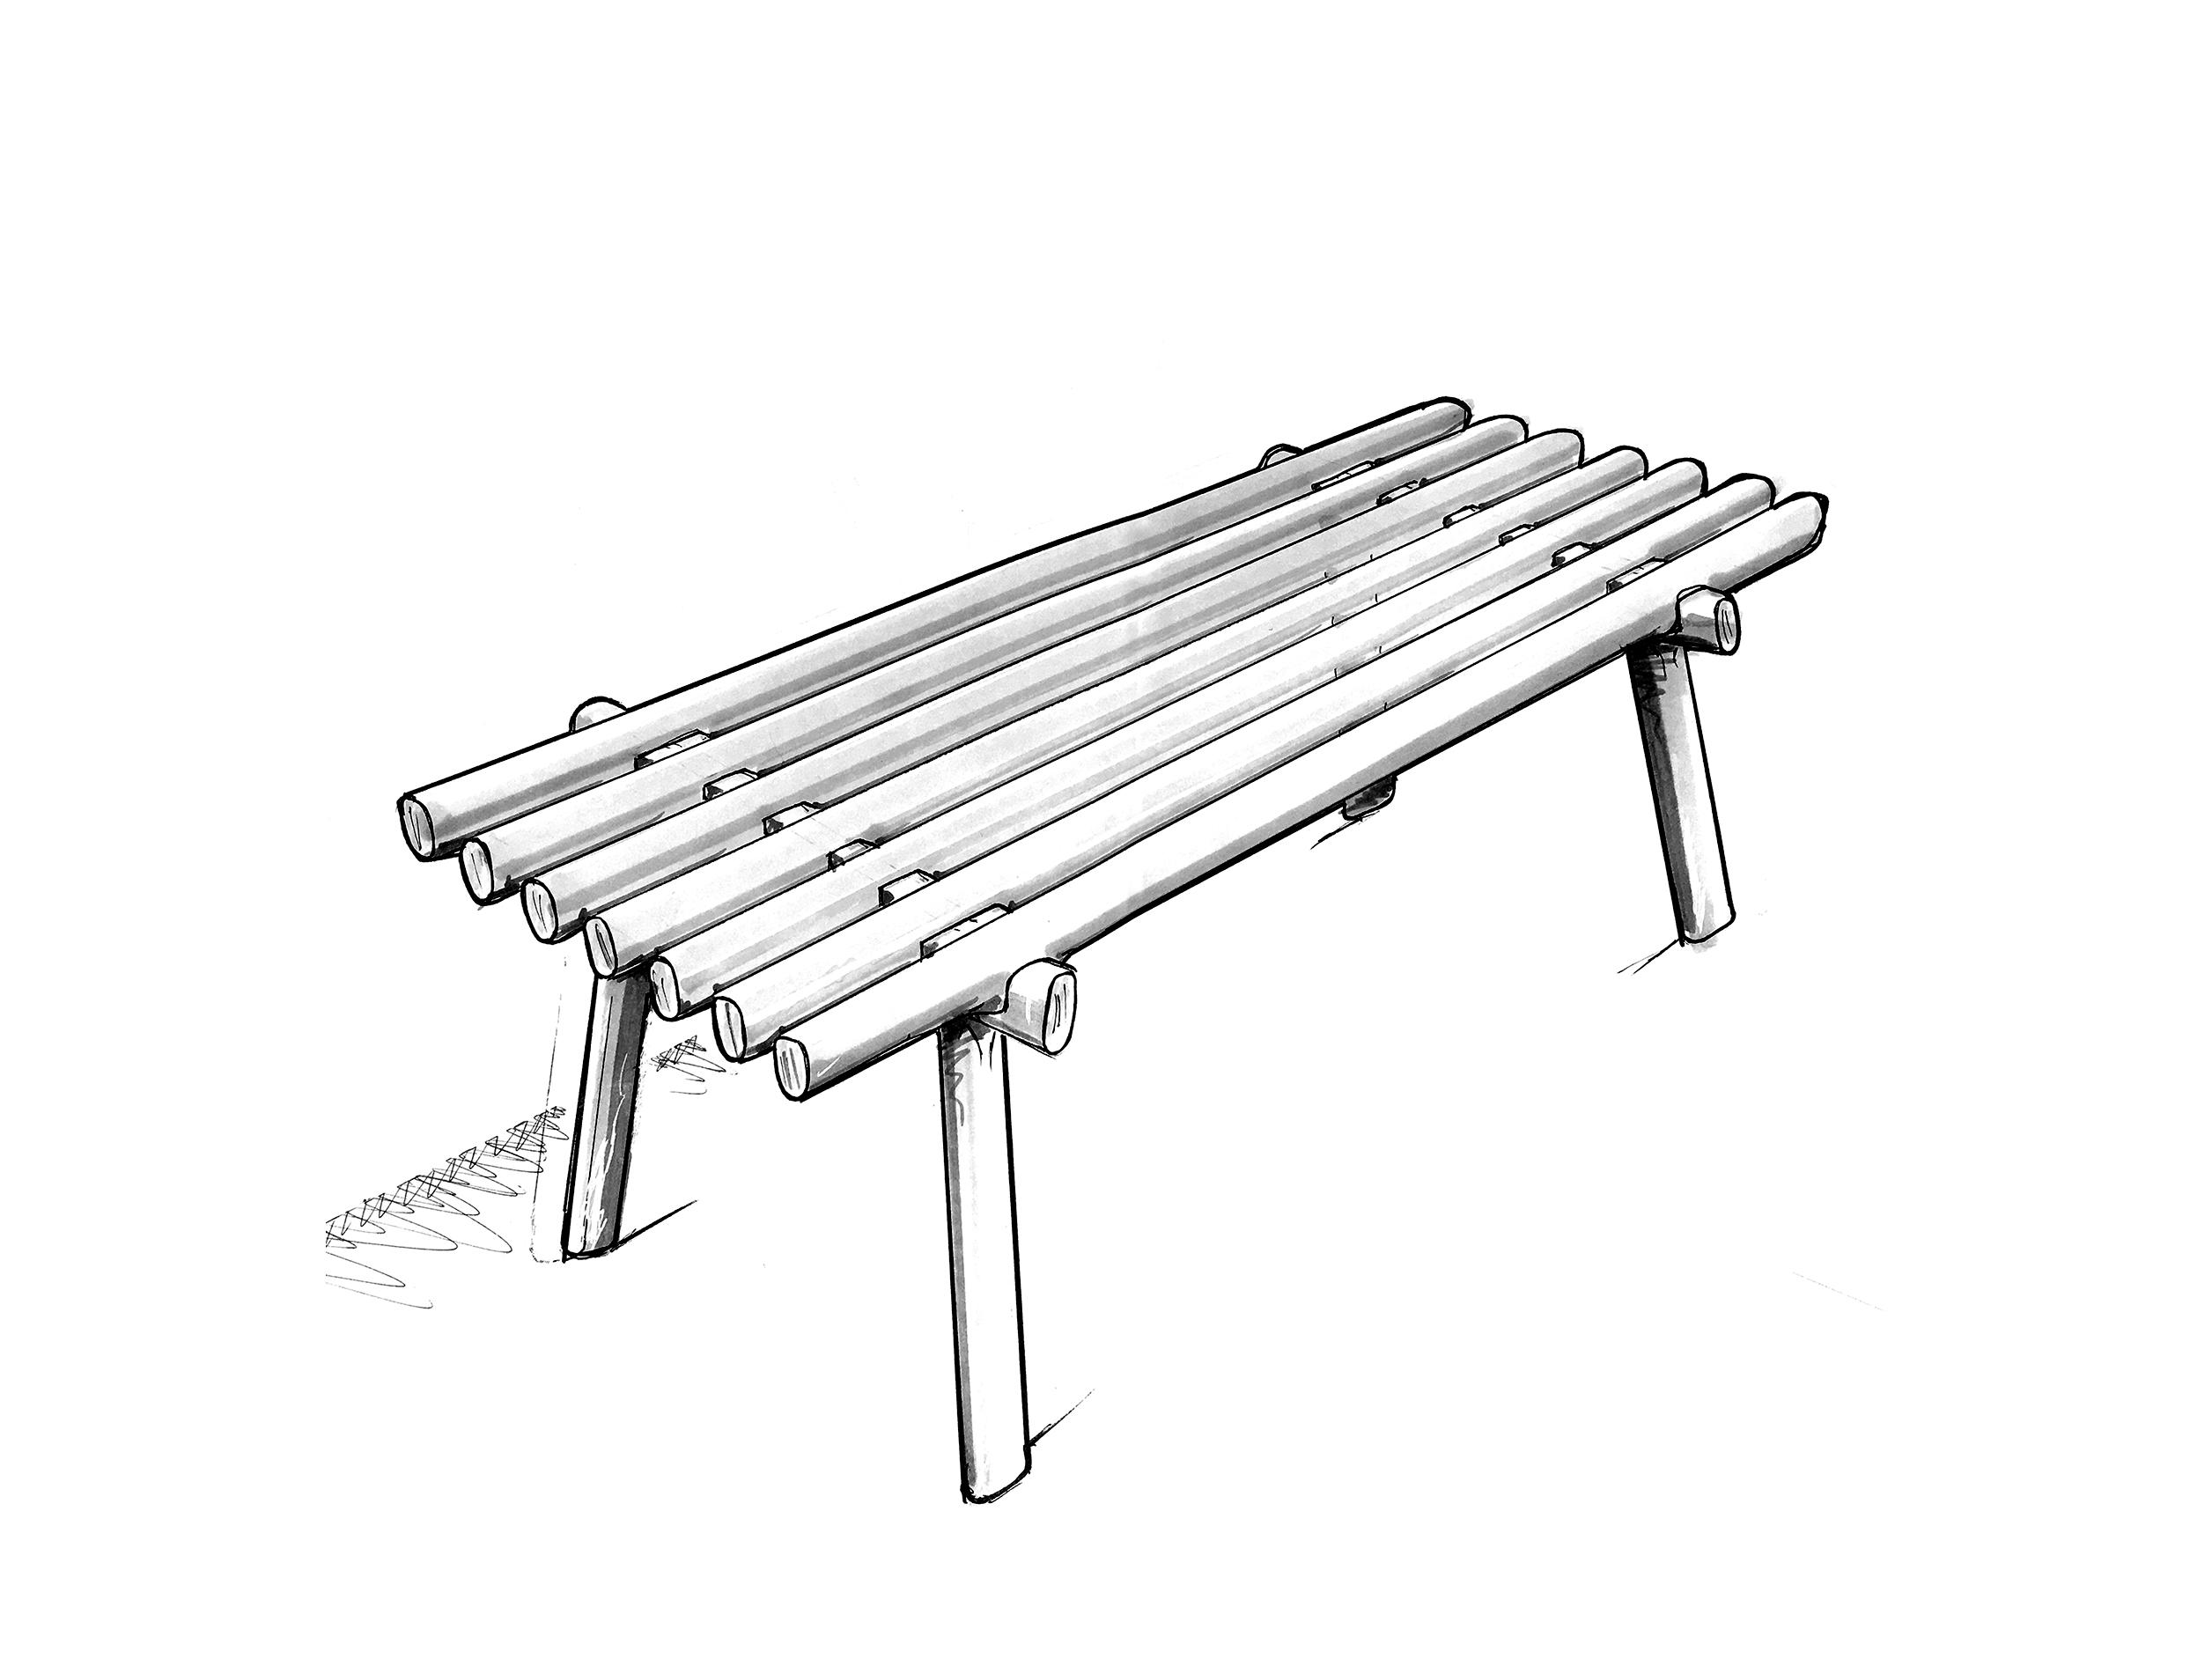 Les lignes horizontales de l'assise en teck s'encastrent dans le piètement en hêtre, rendant apparente la technicité de l'assemblage.